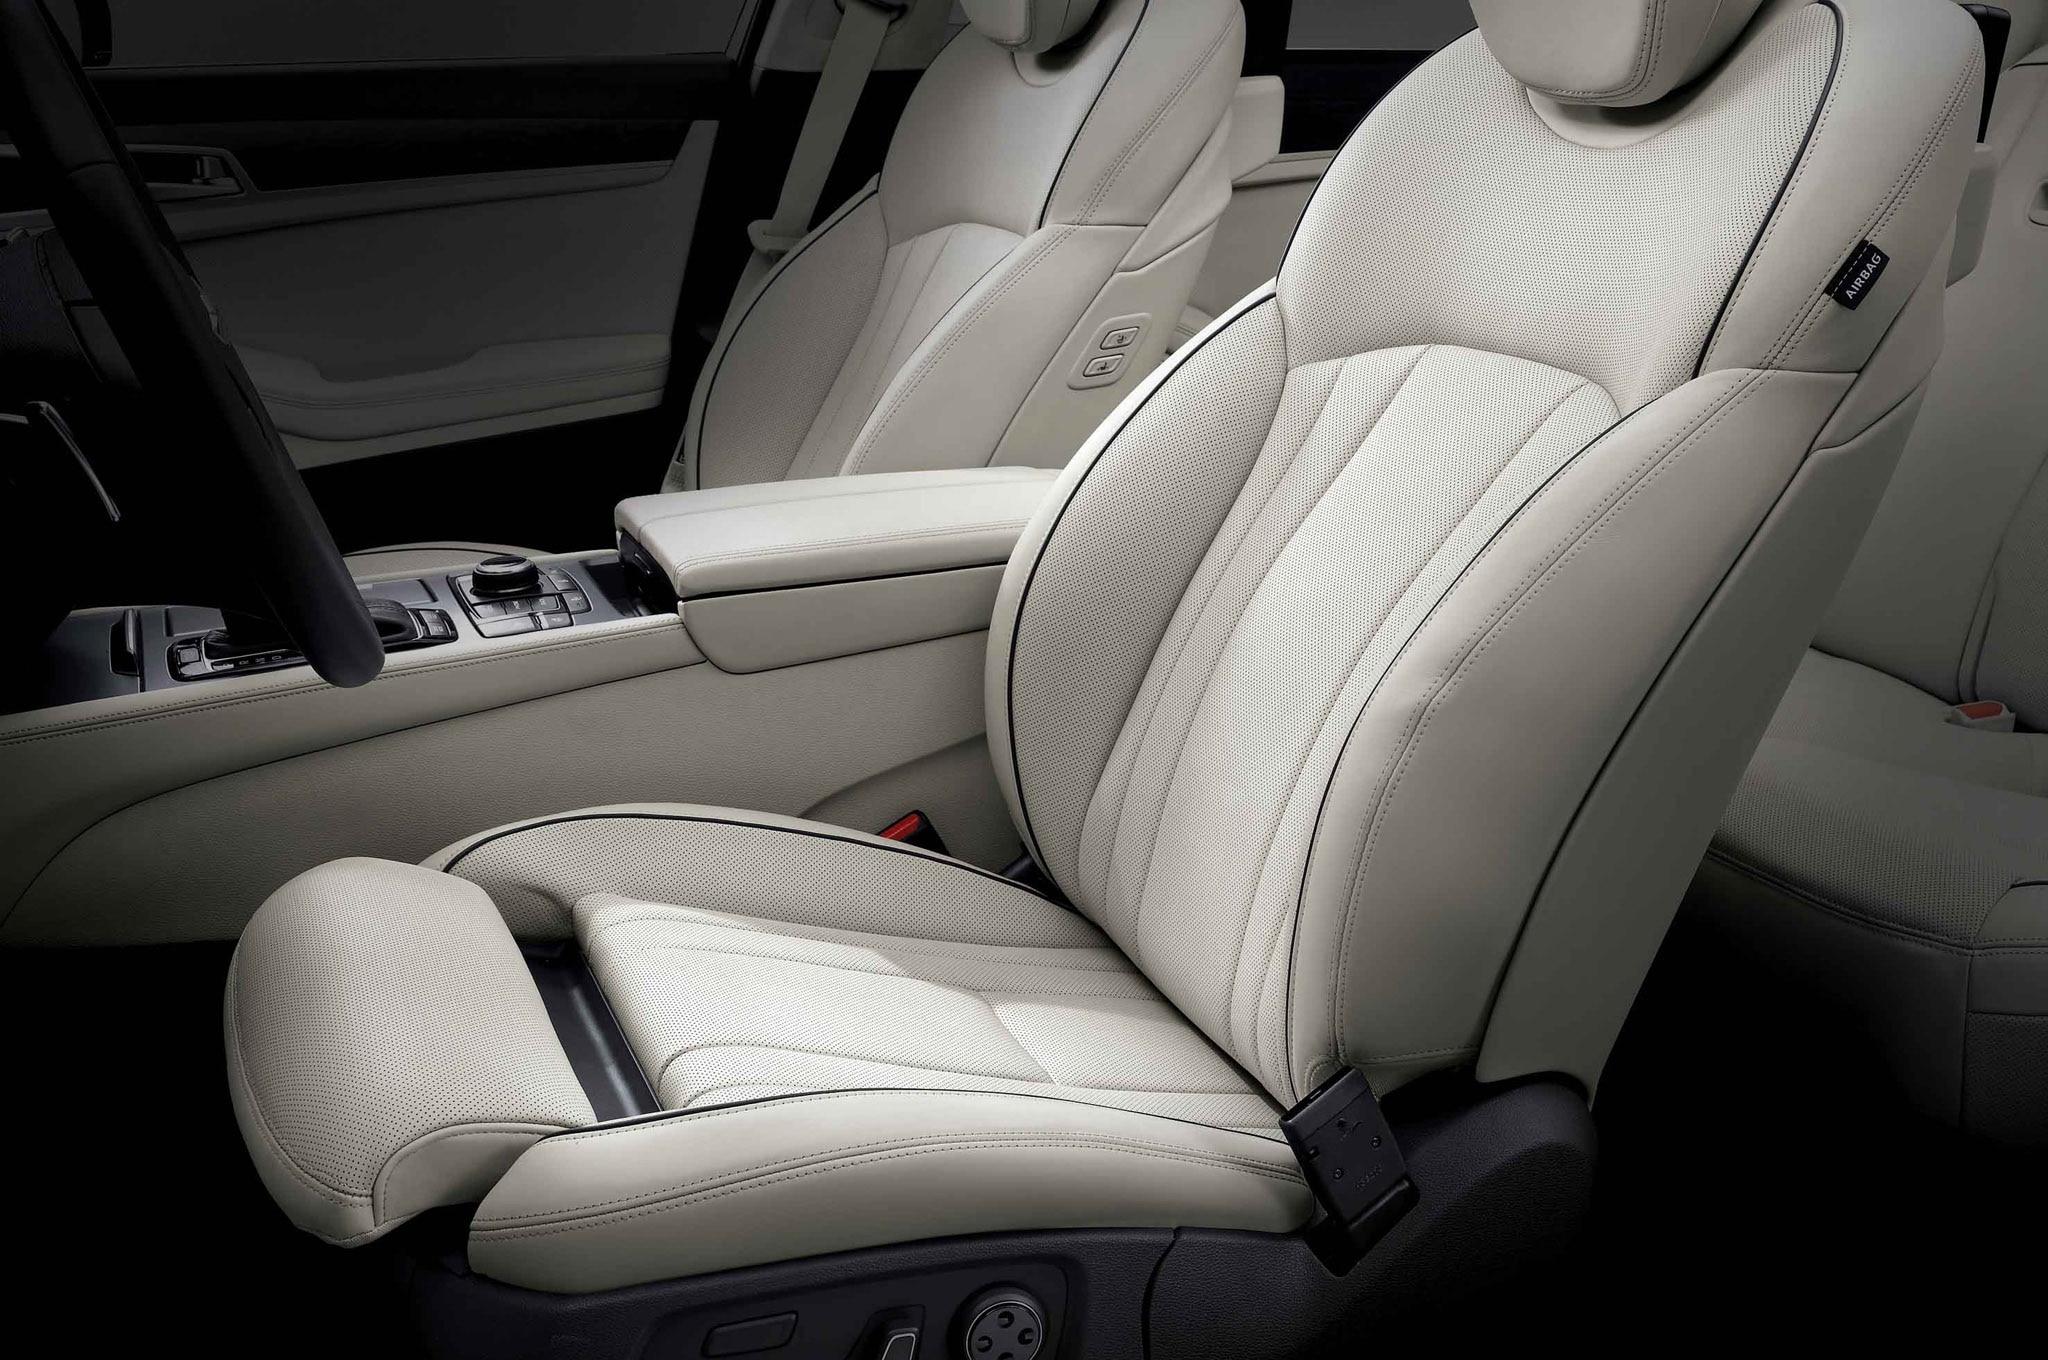 2015 hyundai genesis review automobile magazine - 2016 hyundai genesis sedan interior ...